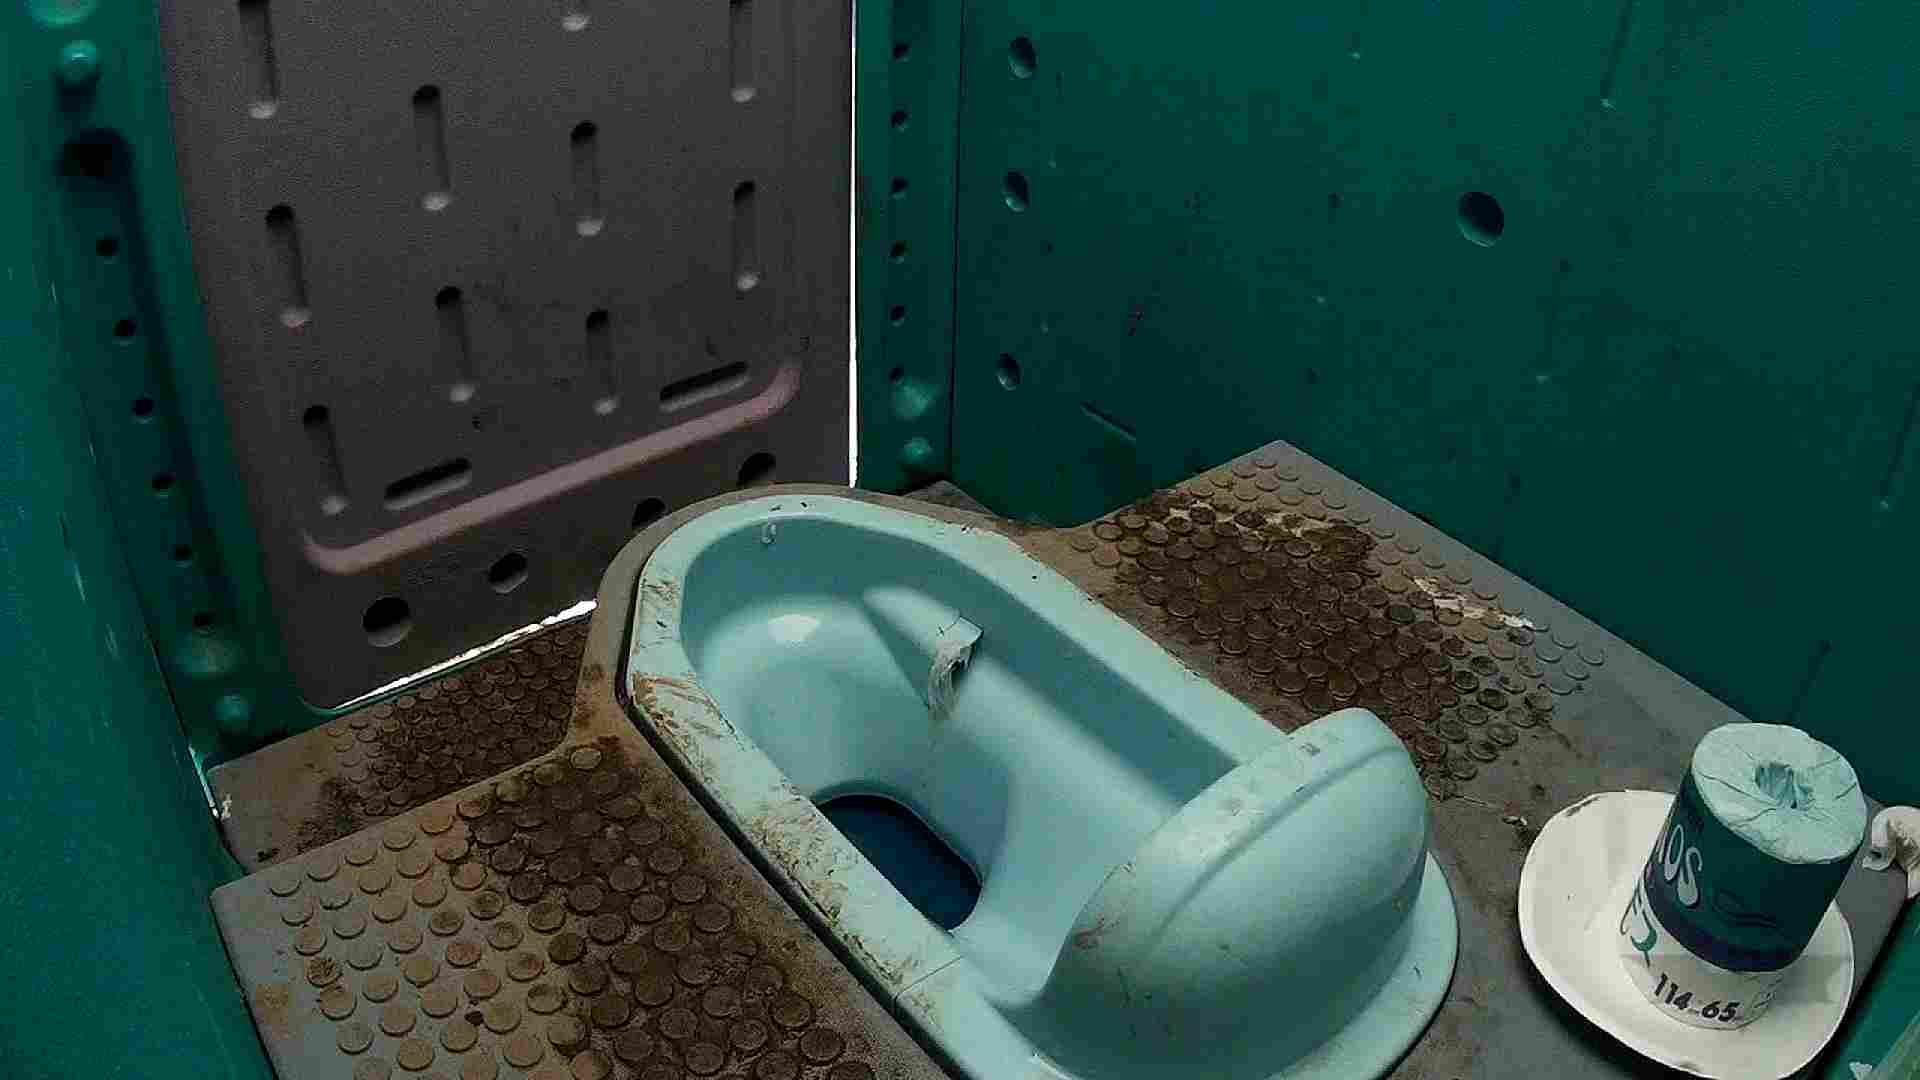 痴態洗面所 Vol.06 中が「マジヤバいヨネ!」洗面所 洗面所  83Pix 50